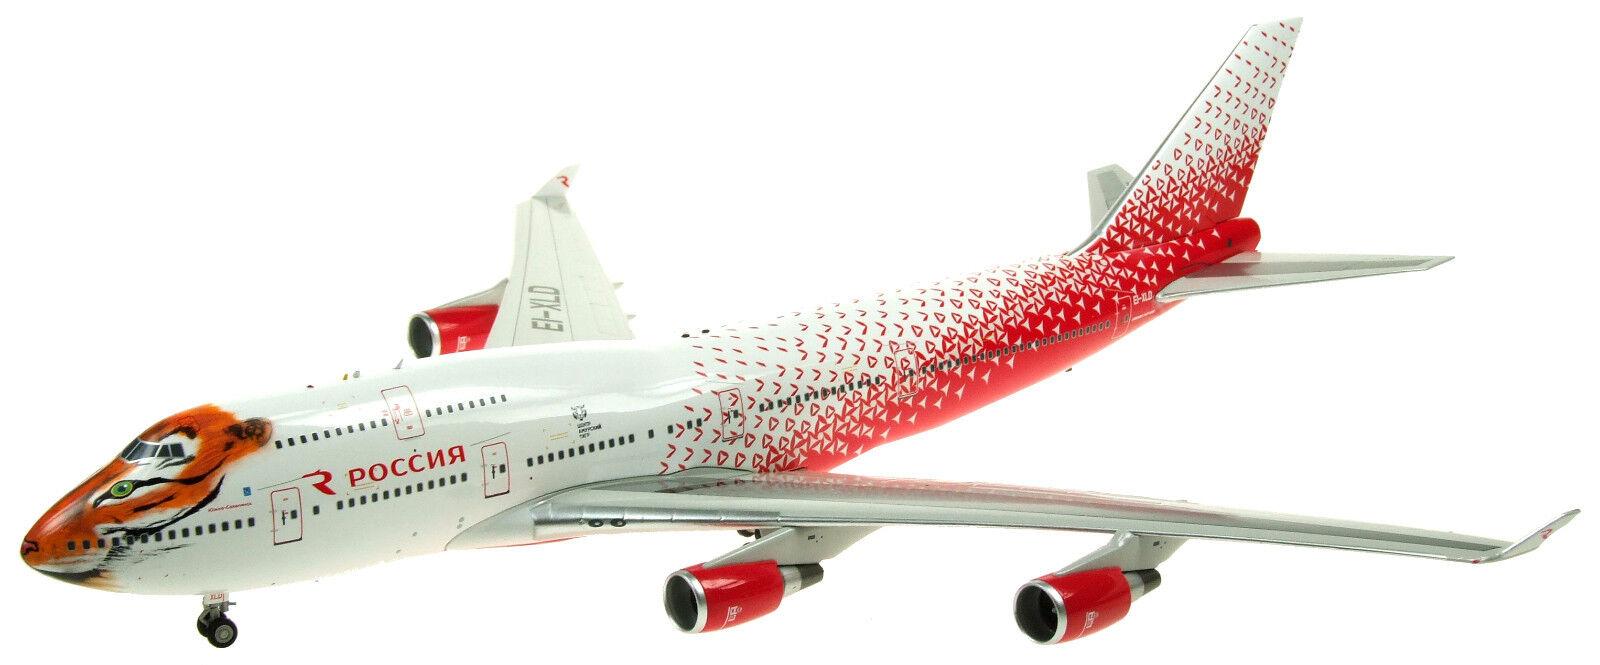 ci sono più marche di prodotti di alta qualità If744sdm001 1 200 Rossiya Russo Airlines B747-400 Ei-Xld Ei-Xld Ei-Xld Amur Tiger Centro  all'ingrosso a buon mercato